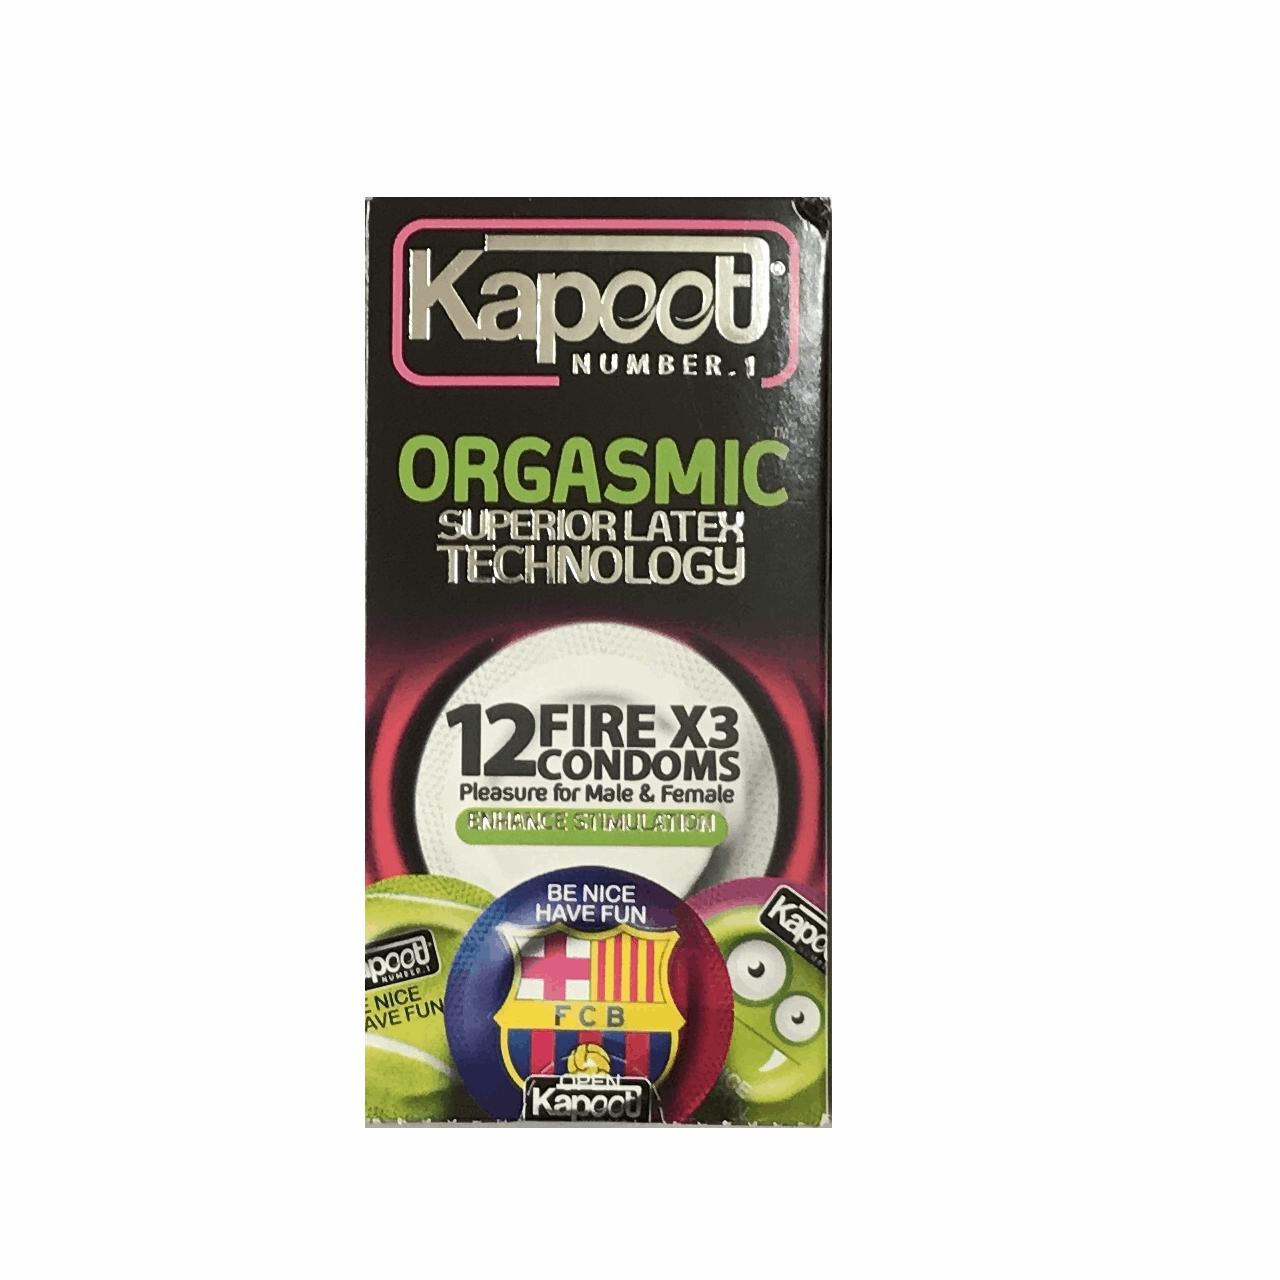 قیمت کاندوم خاردار کاپوت مدل Orgasmic بسته 12 عددی